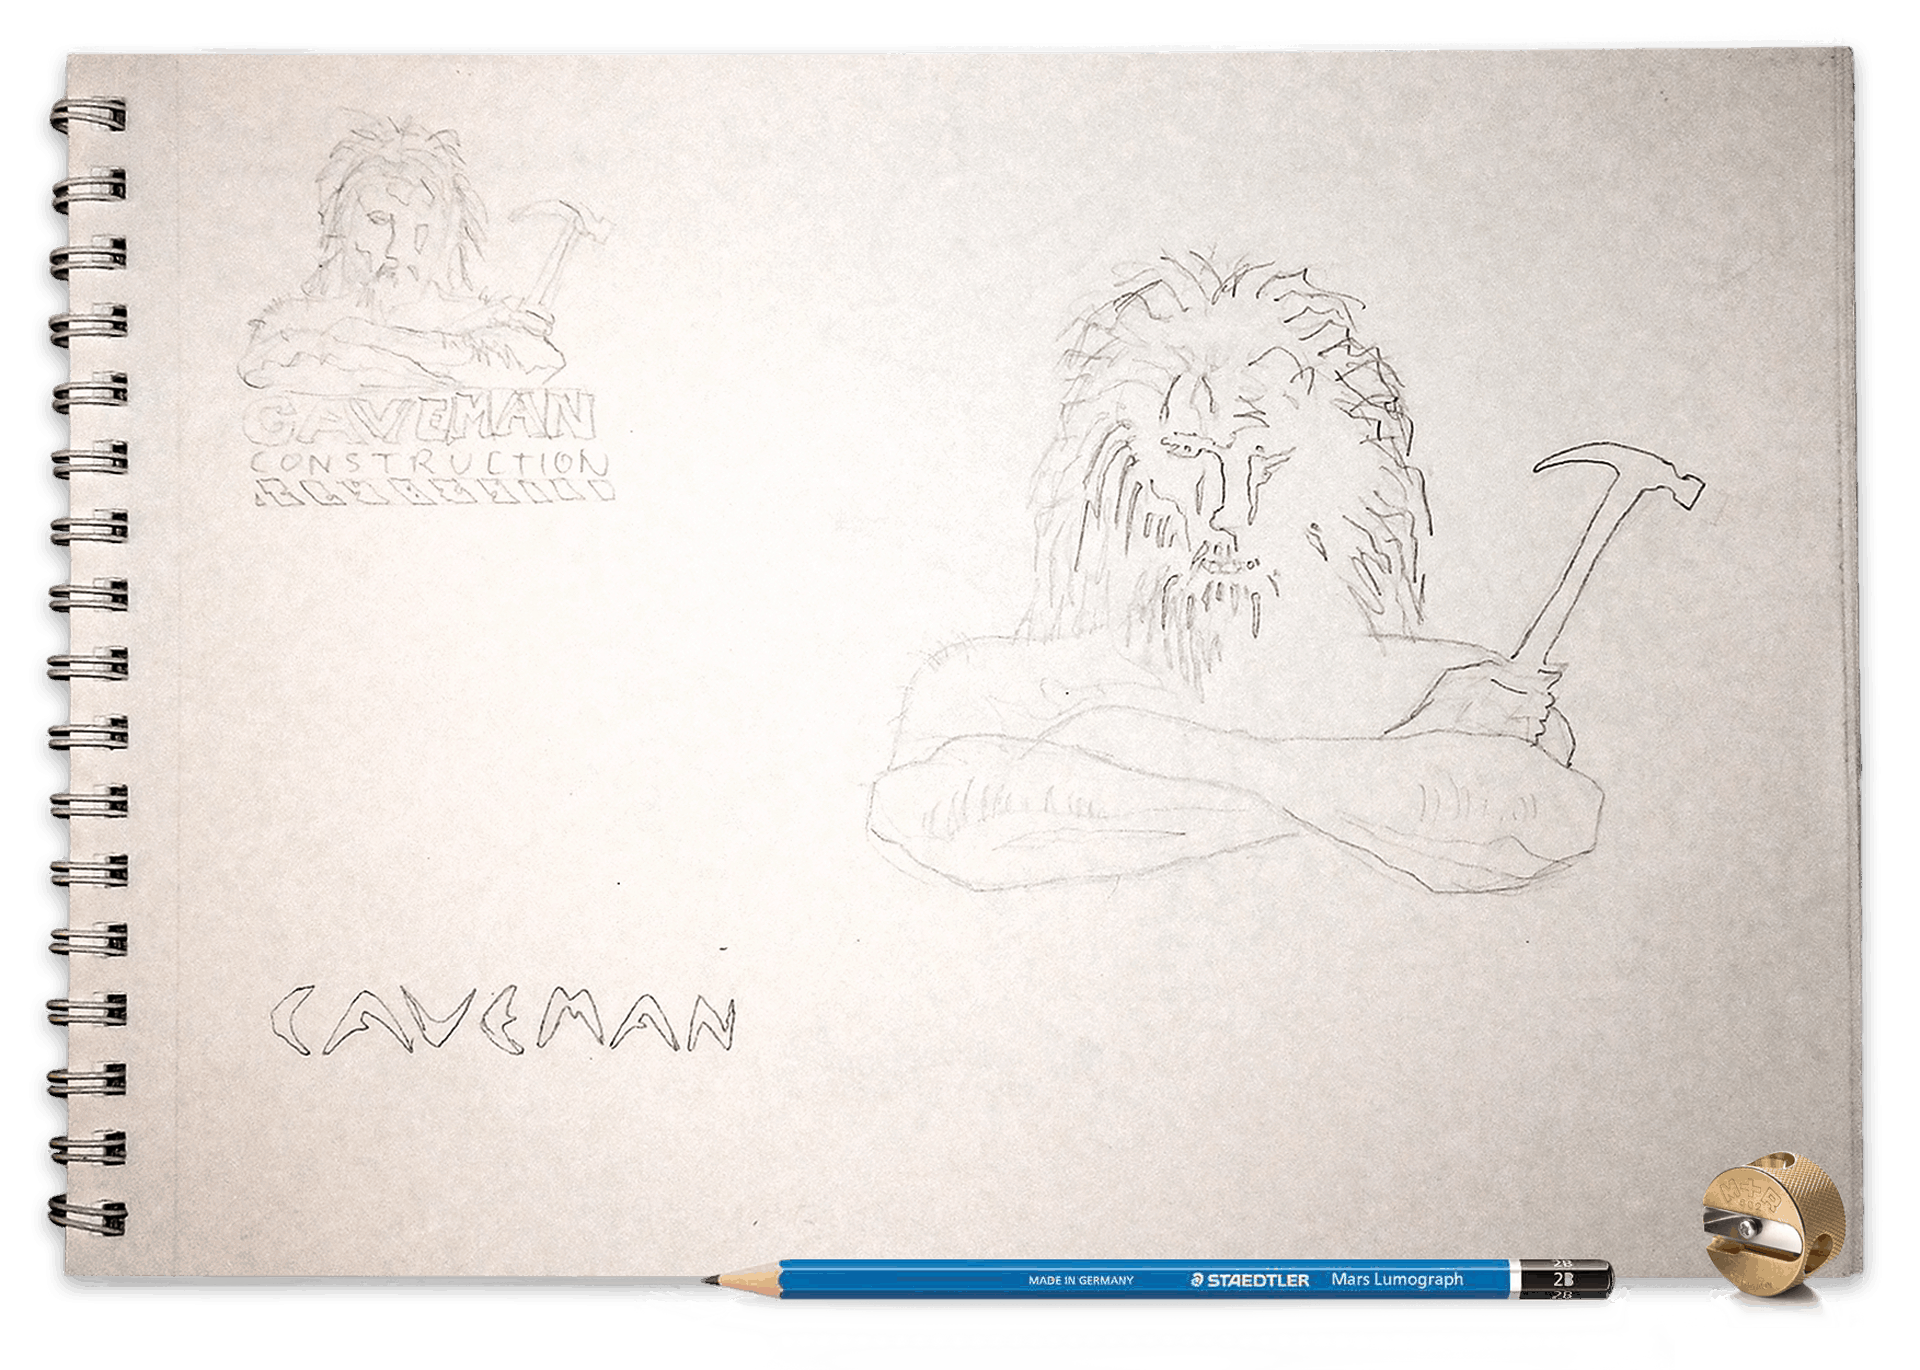 01-Caveman-Sketch 2